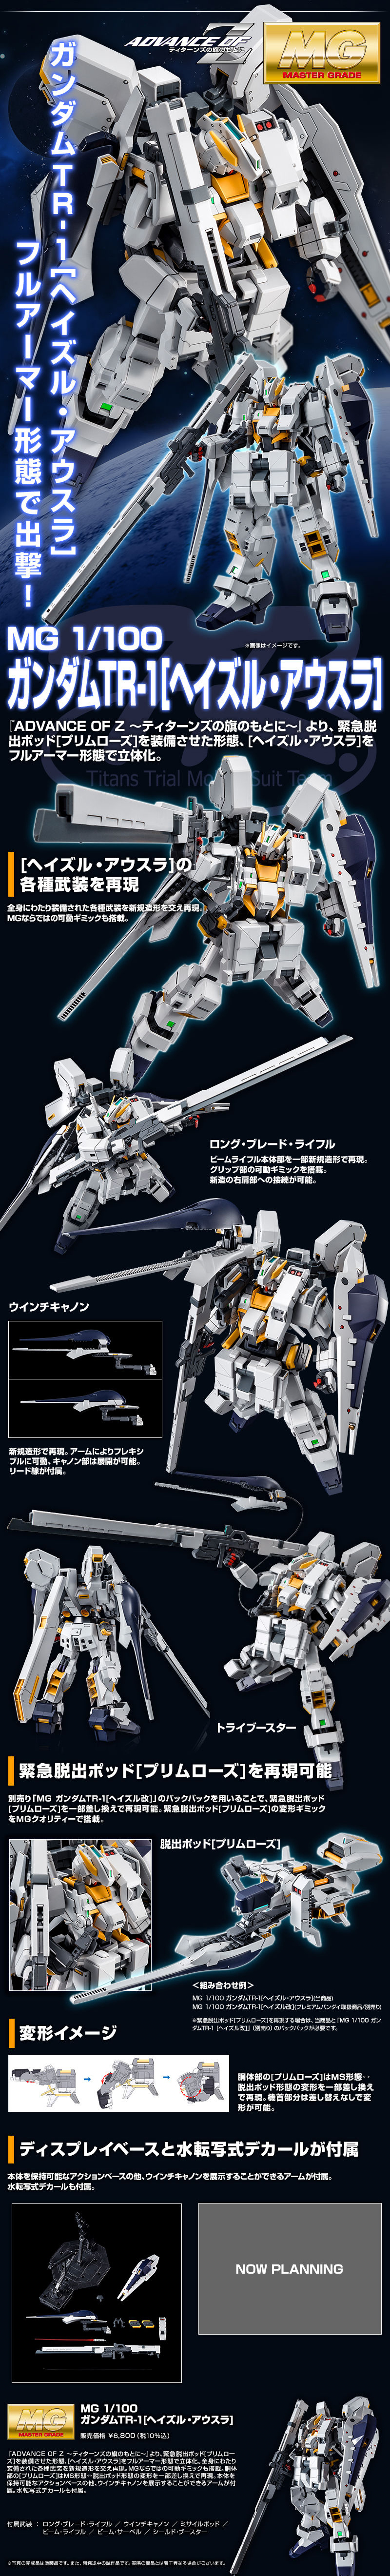 MG 1/100 ガンダムTR-1[ヘイズル・アウスラ] 公式商品説明(画像)